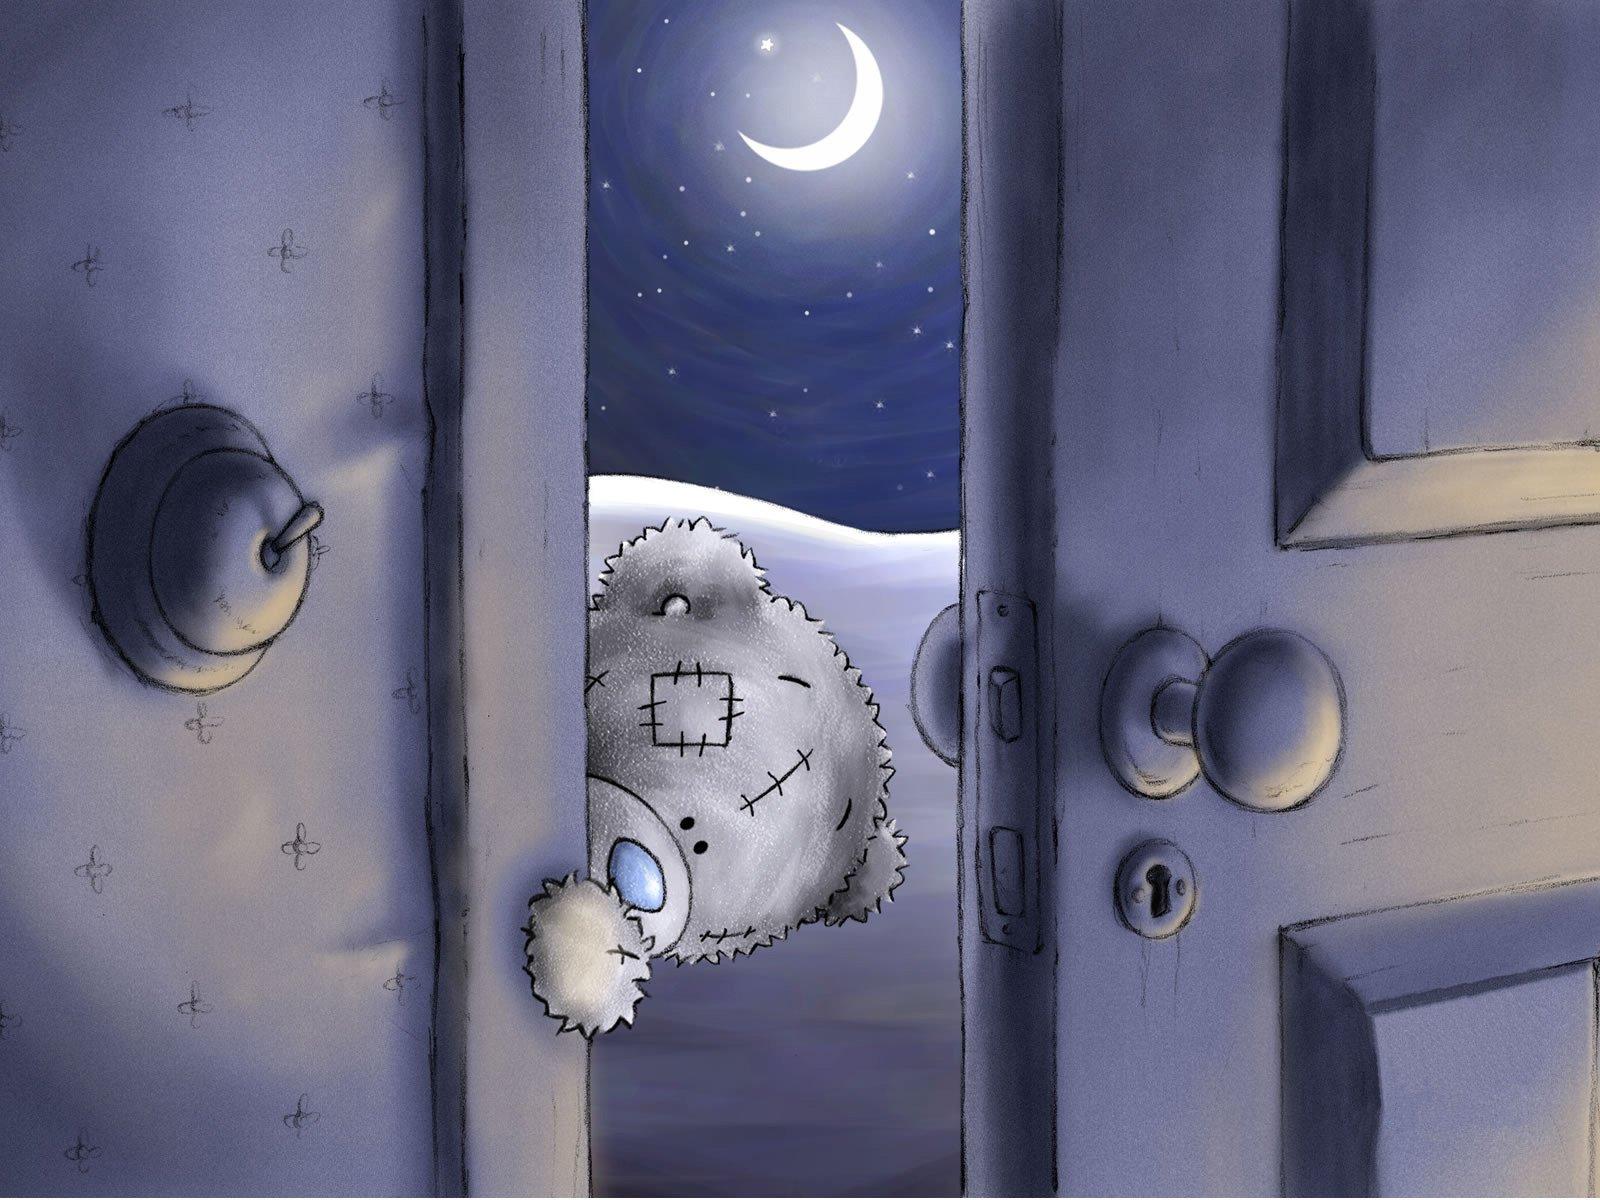 Картинка с приколом на ночь, добрыми пожеланиями диск